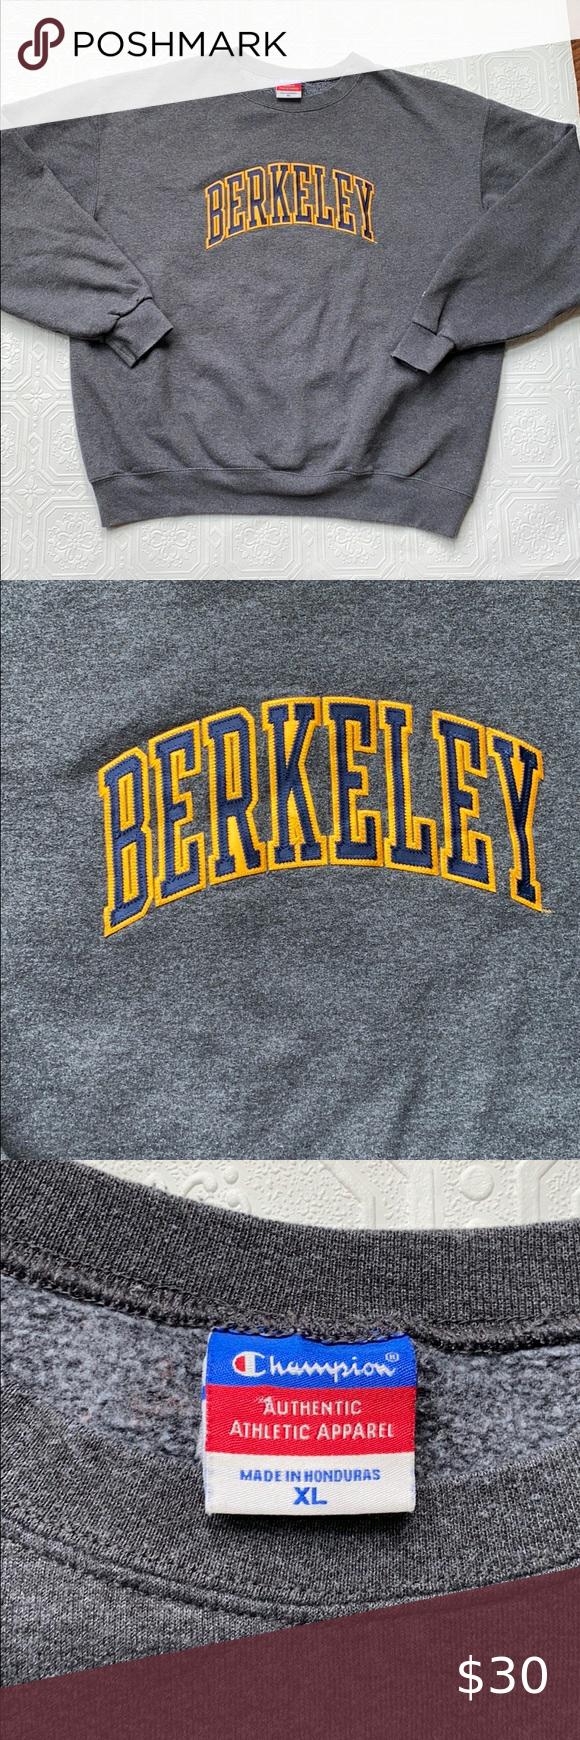 Vintage 90s Berkeley Champion Sweatshirt Champion Sweatshirt Sweatshirts Champion Sweatshirt Vintage [ 1740 x 580 Pixel ]